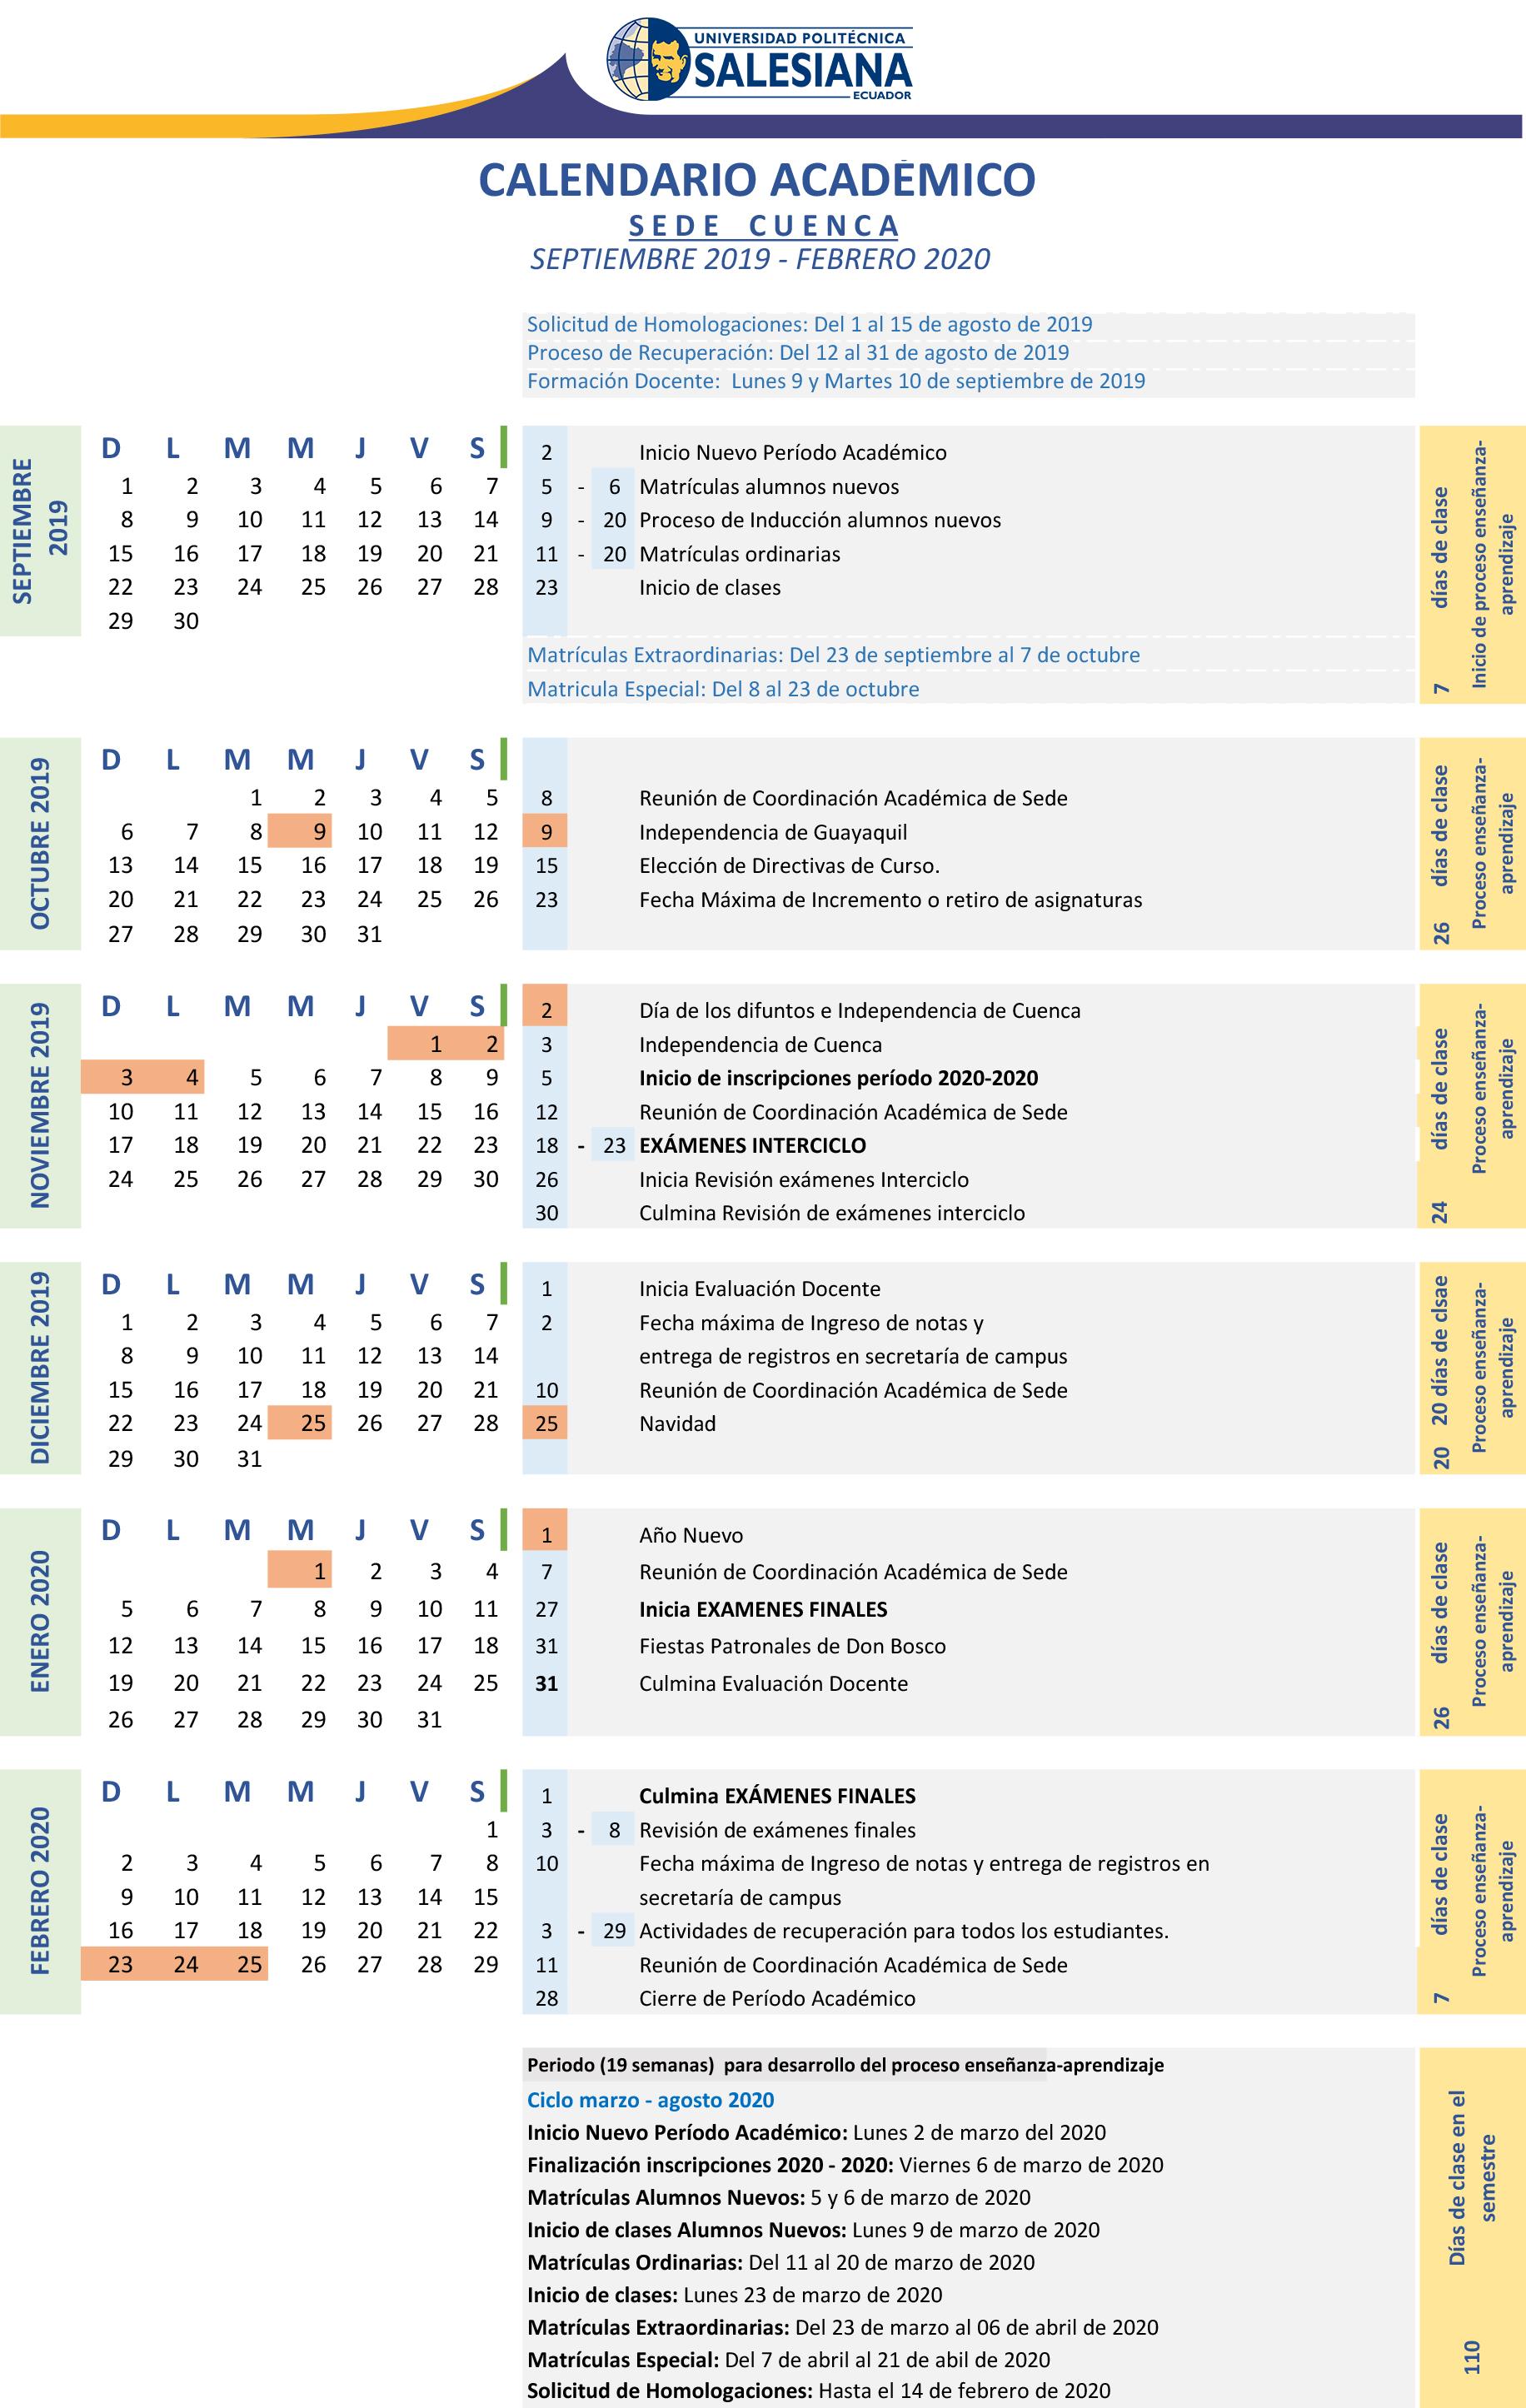 Calendario Escolar 2020 Las Palmas.Calendario Academico Ups